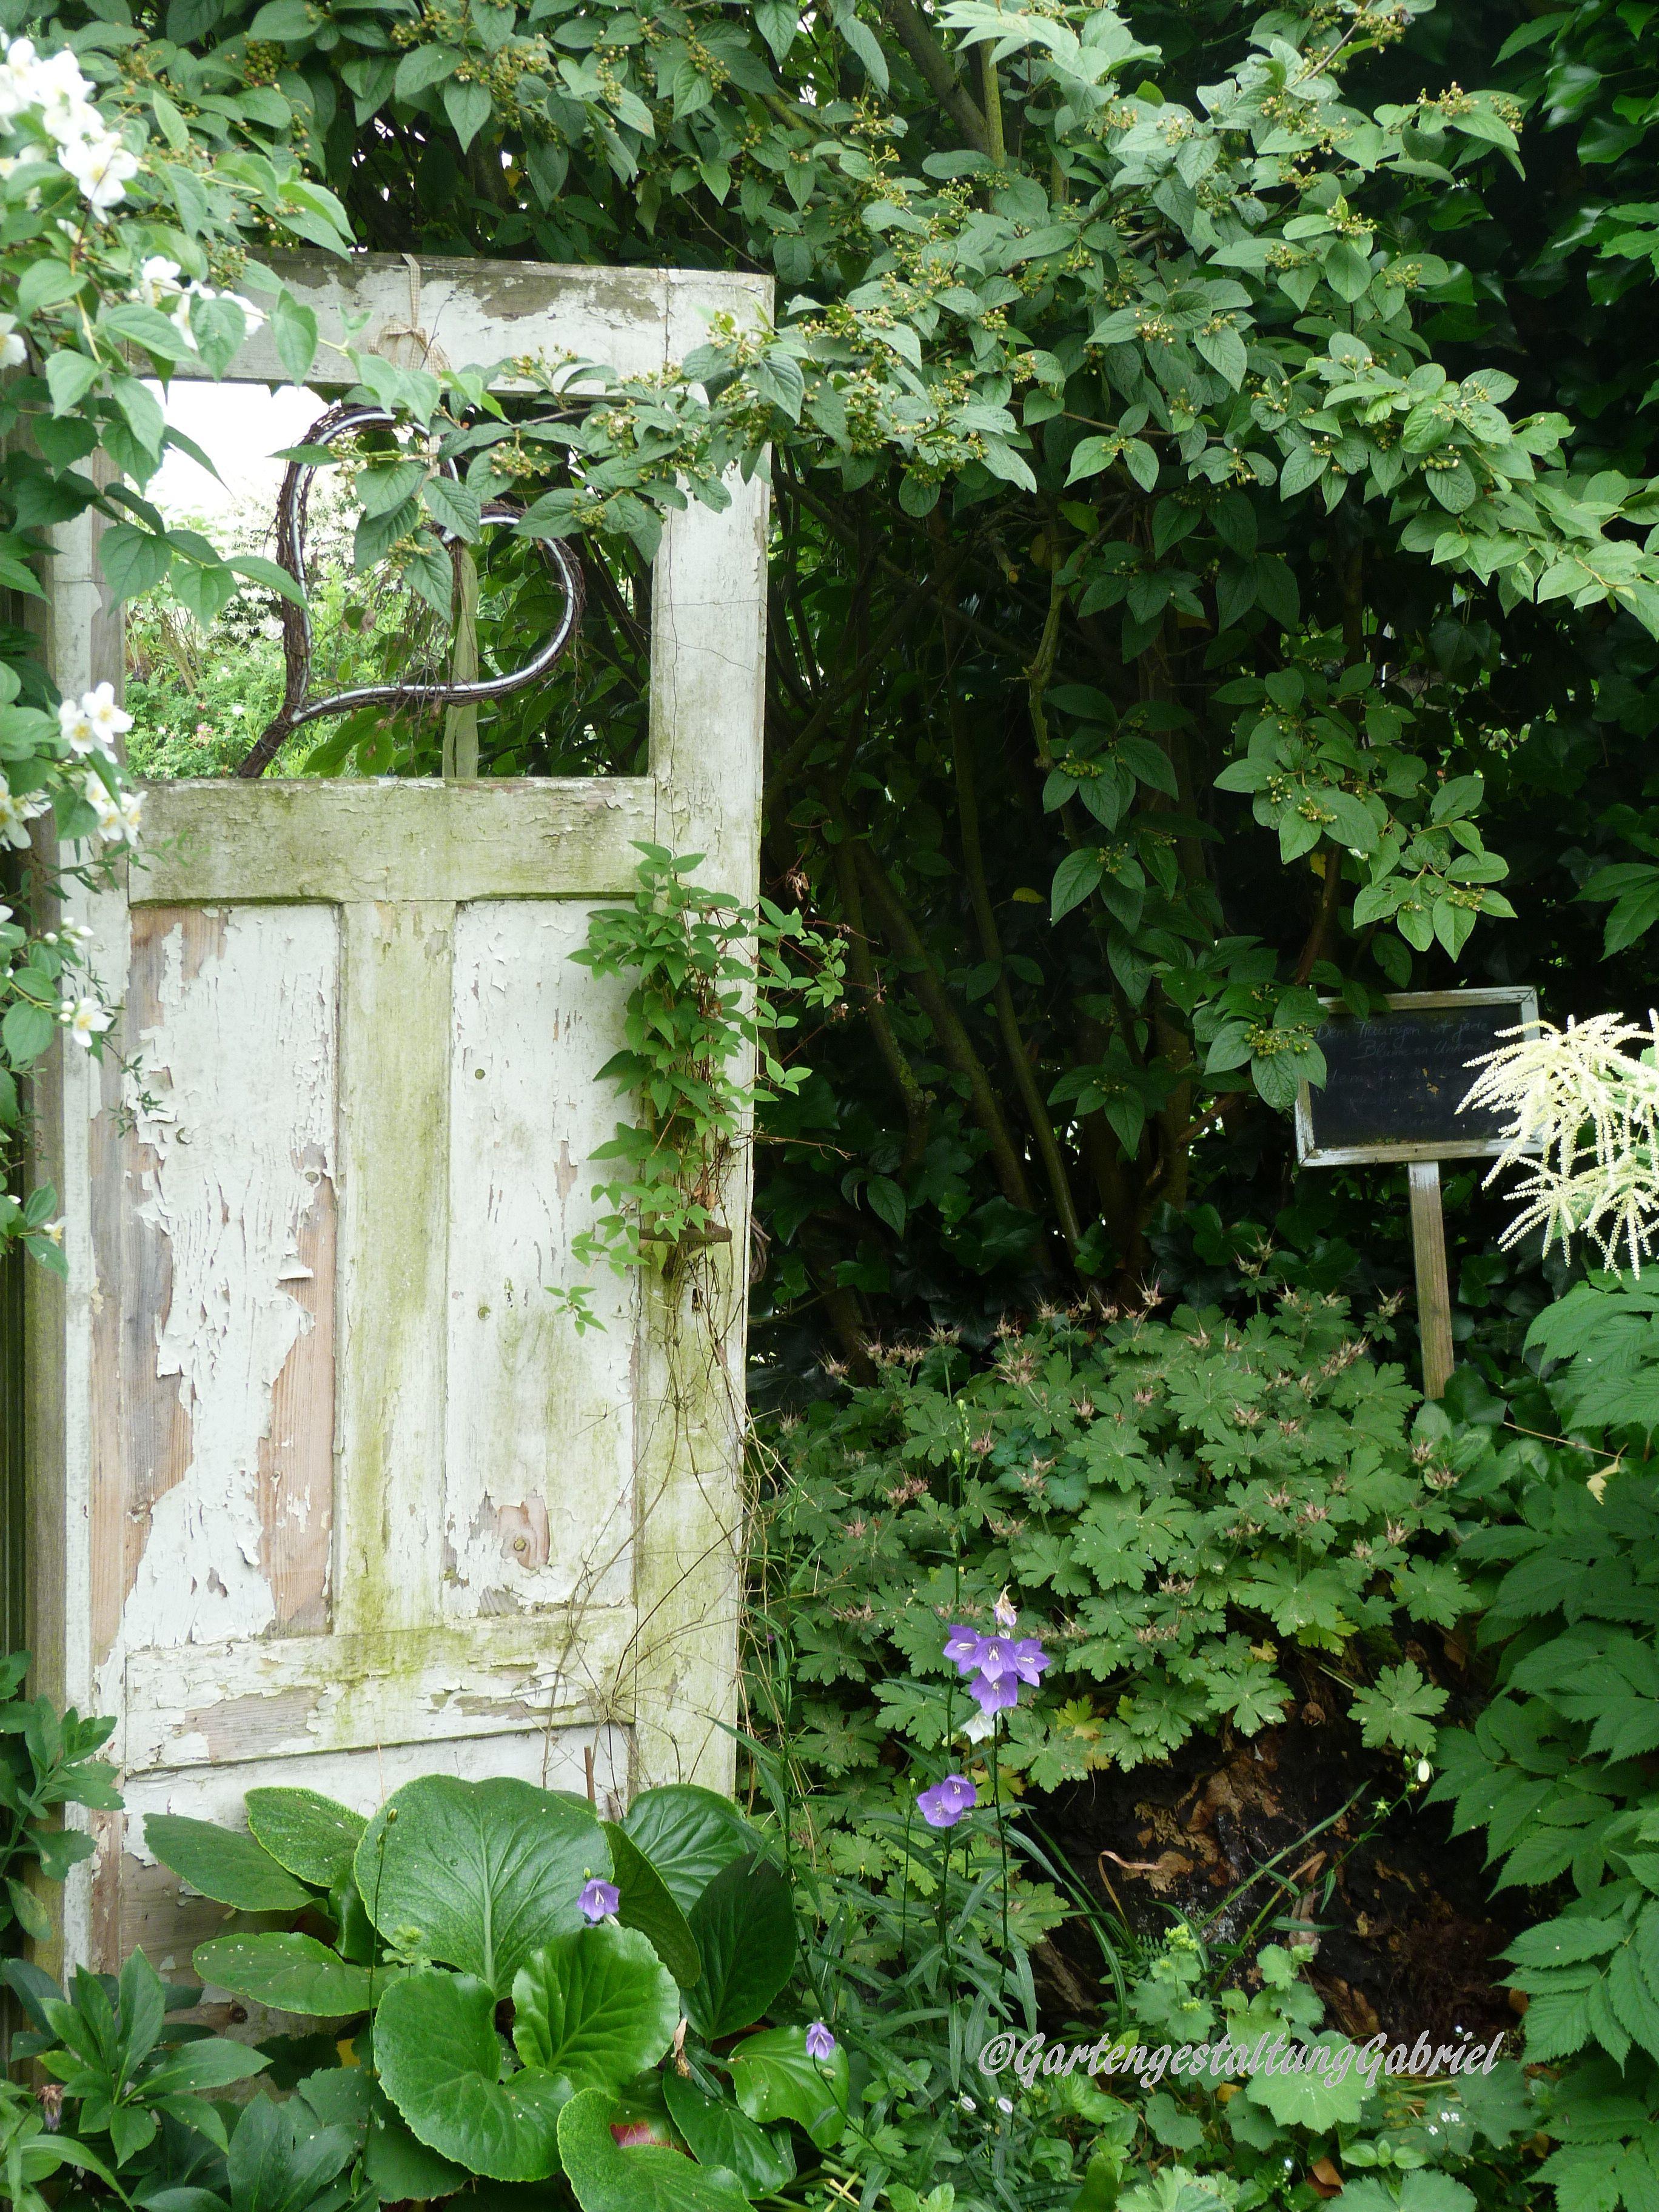 Tur Mit Herz Im Garten Garten Gartengestaltung Ideen Cottage Garten Design